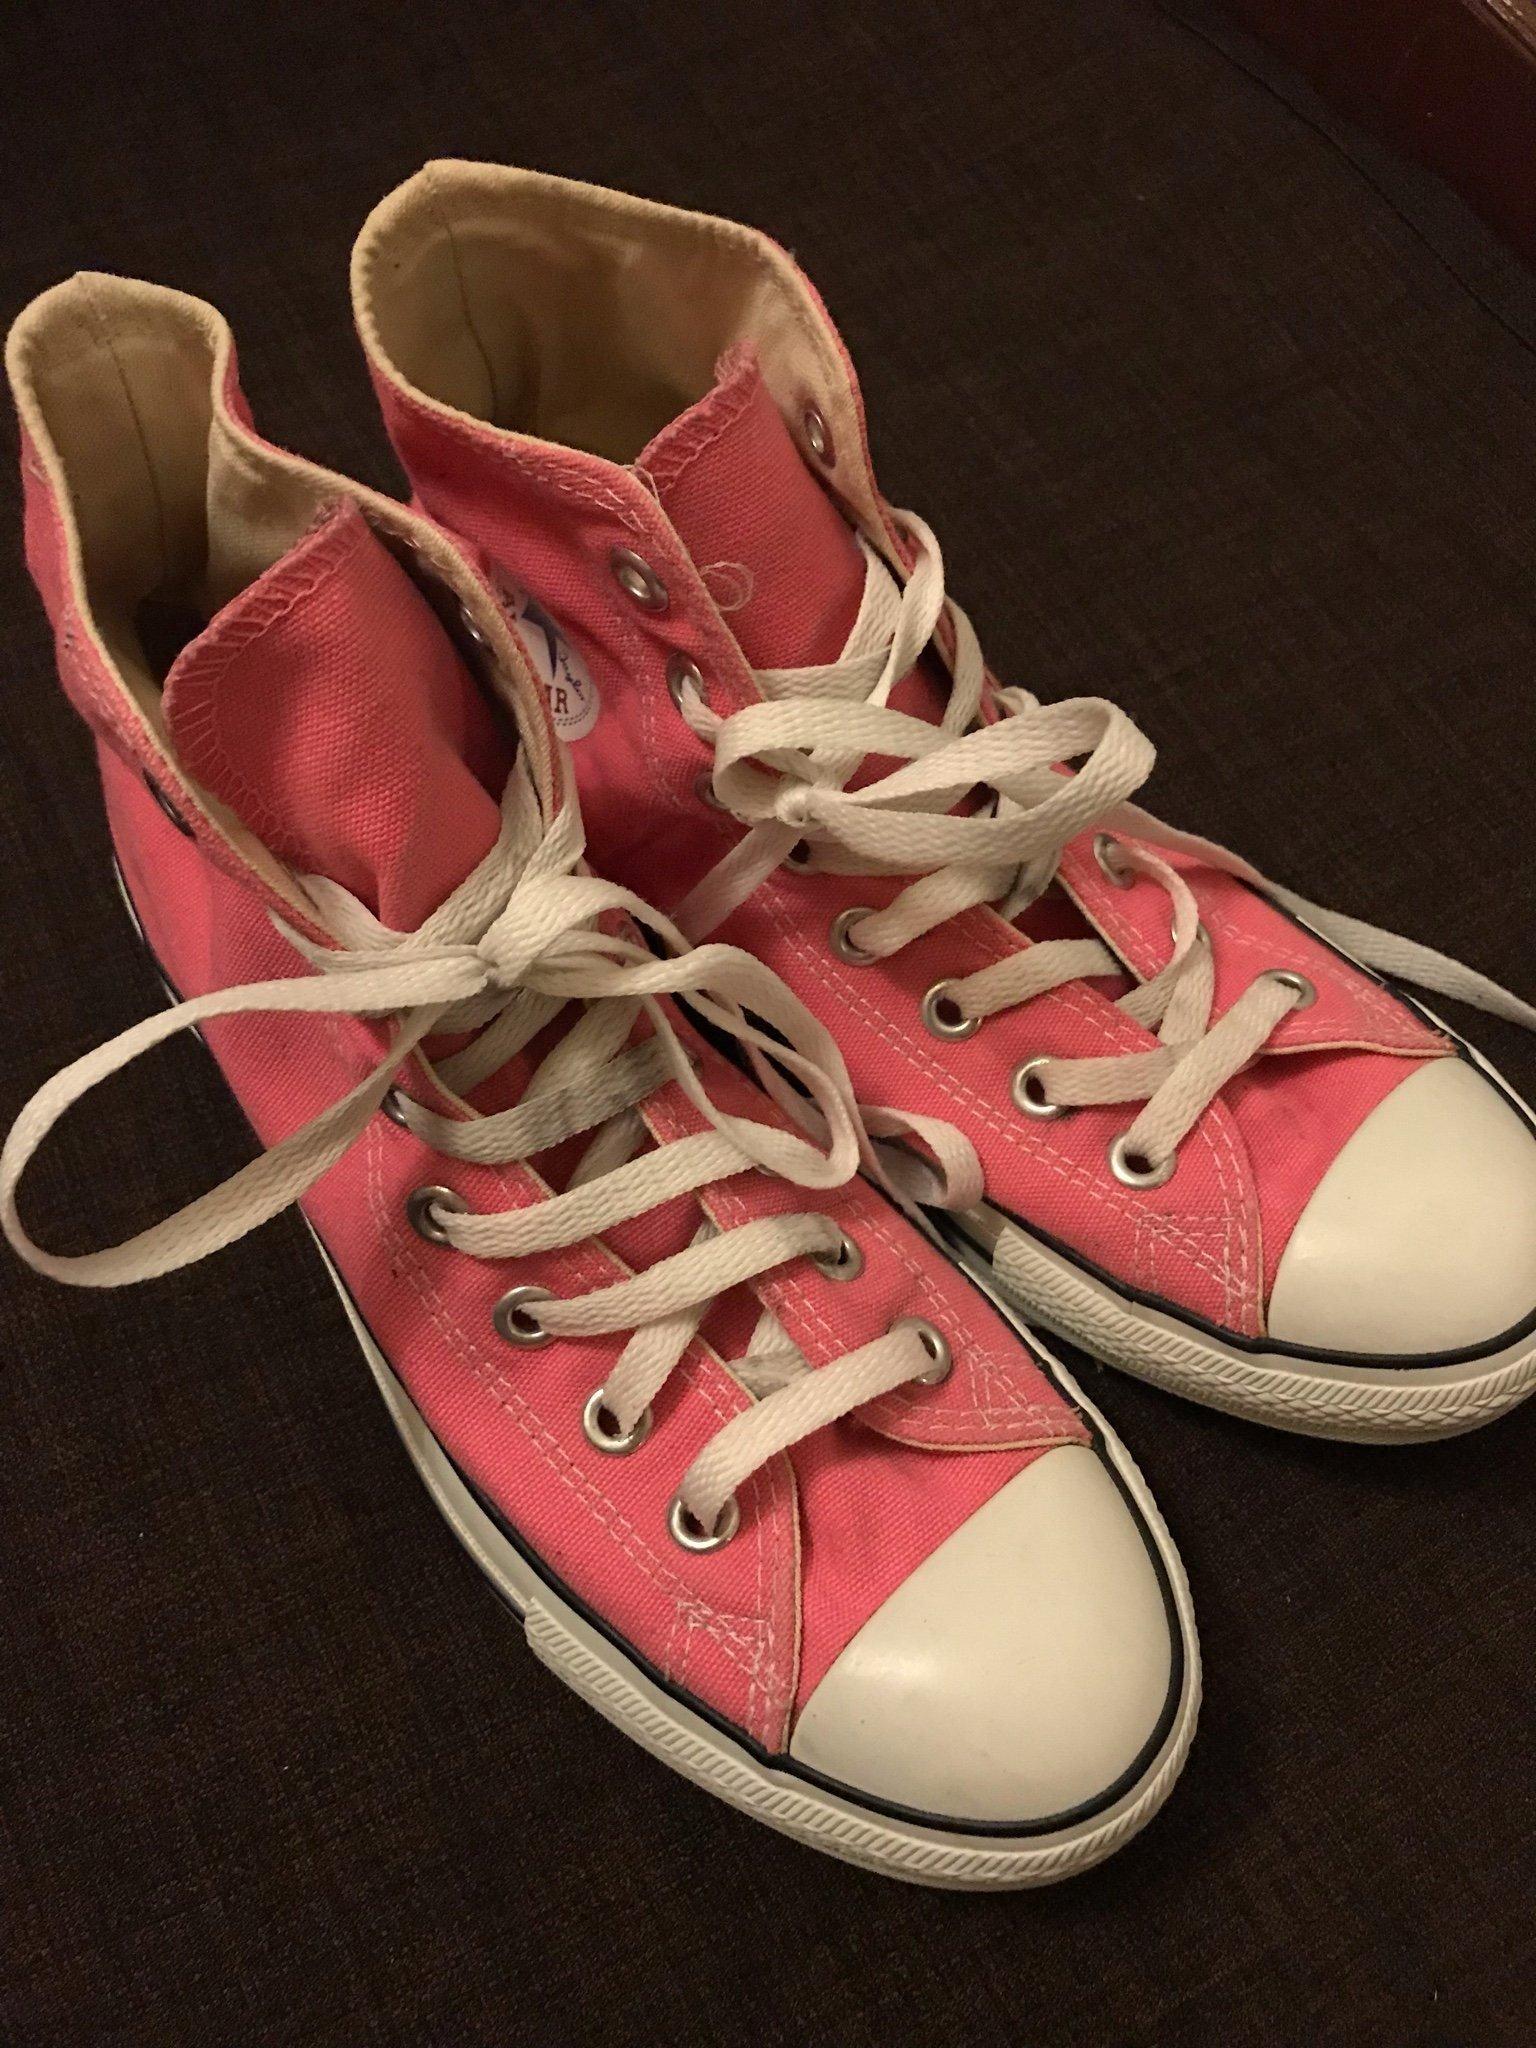 77b3a1f810a Converse All star skor str 40 (347180425) ᐈ Köp på Tradera